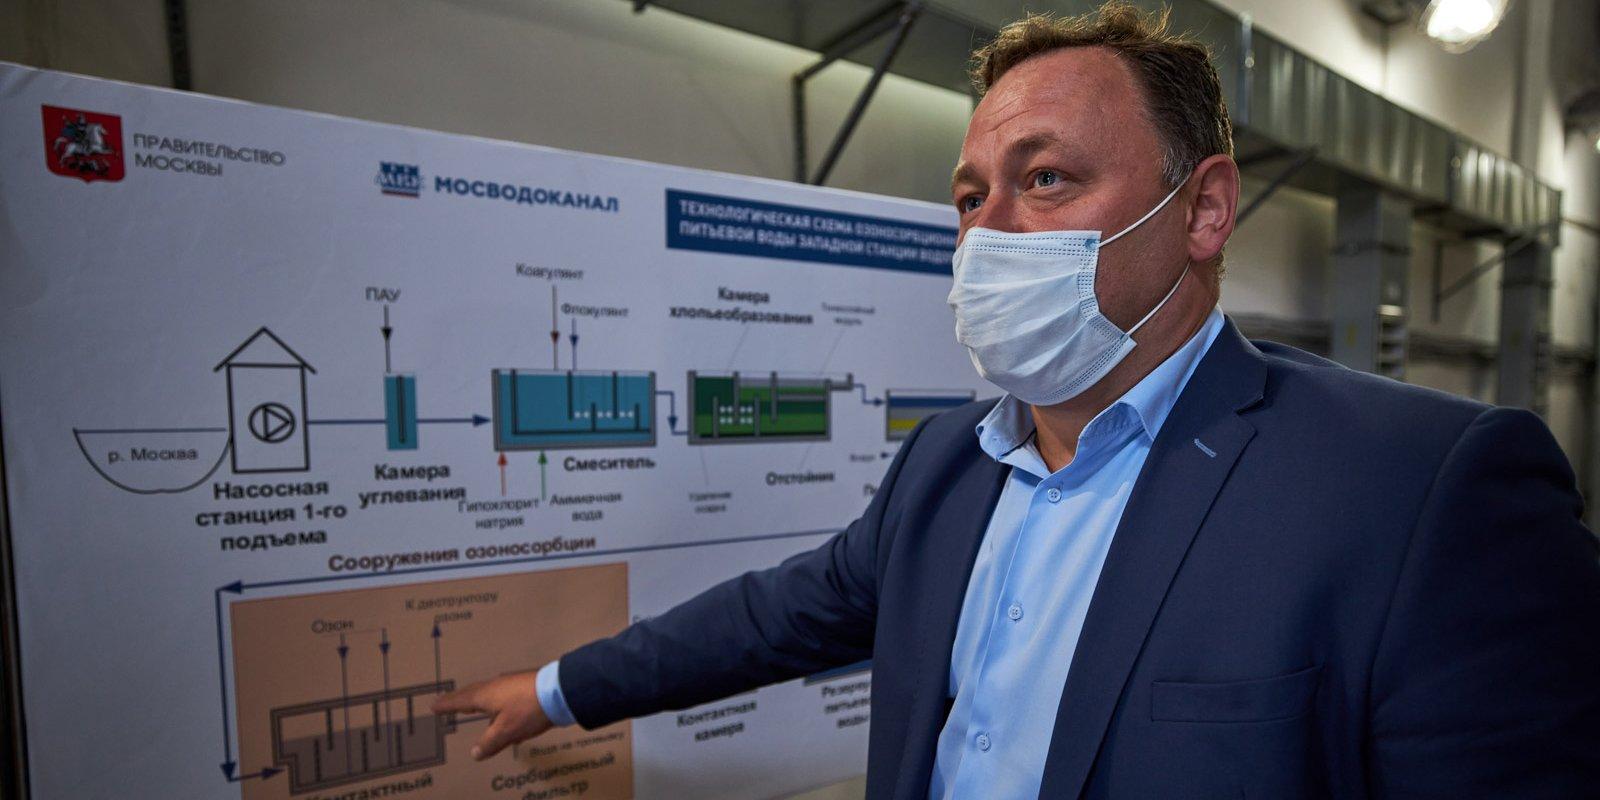 Андрей Смирнов, директор Западной станции водоподготовки. Фото: mos.ru. Максим Денисов